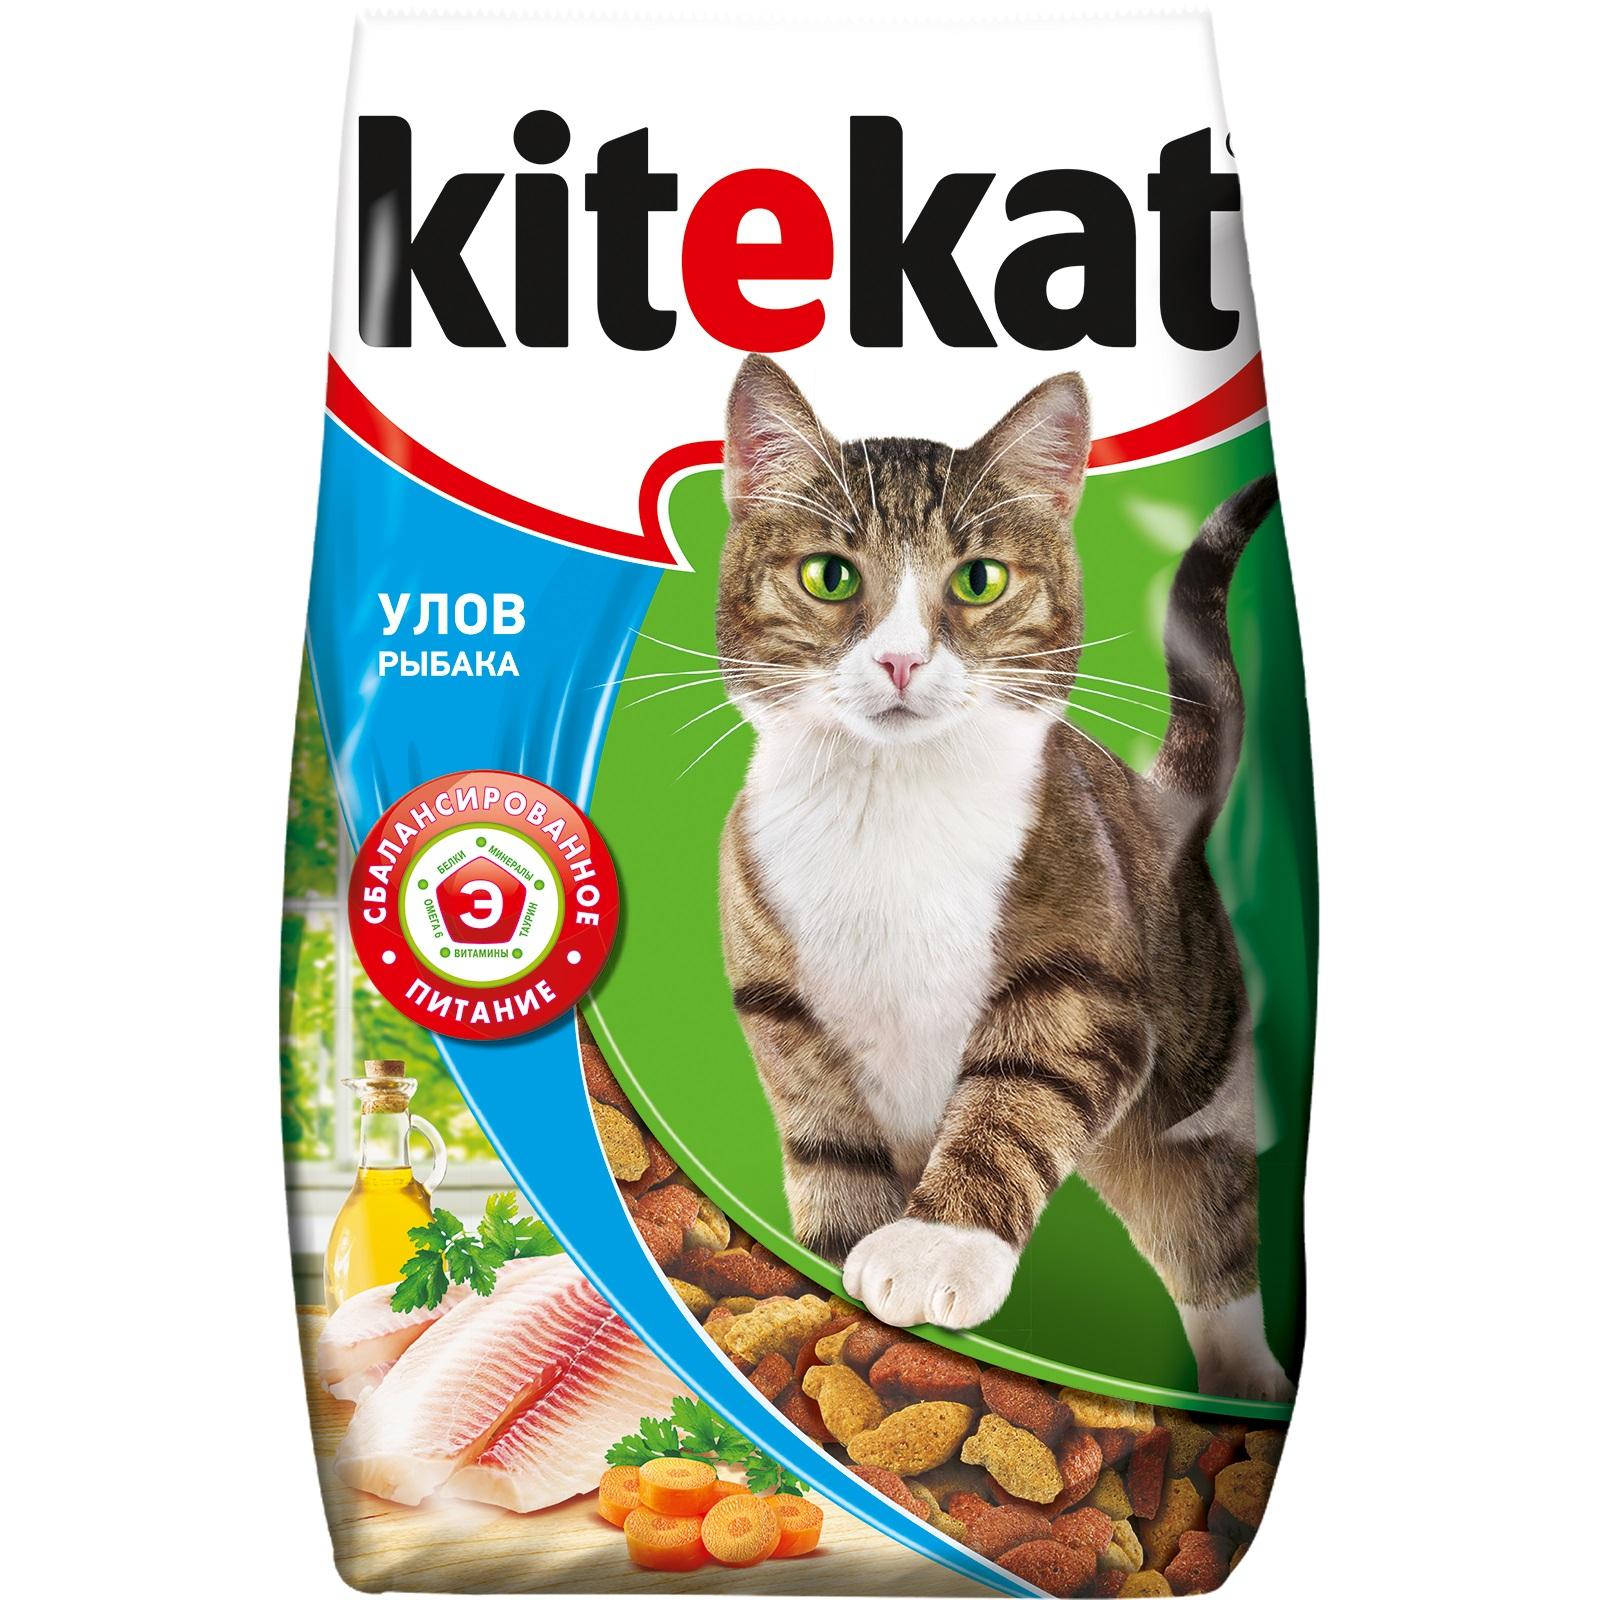 Сухой корм для кошек Kitekat, улов рыбака, 1,9кг